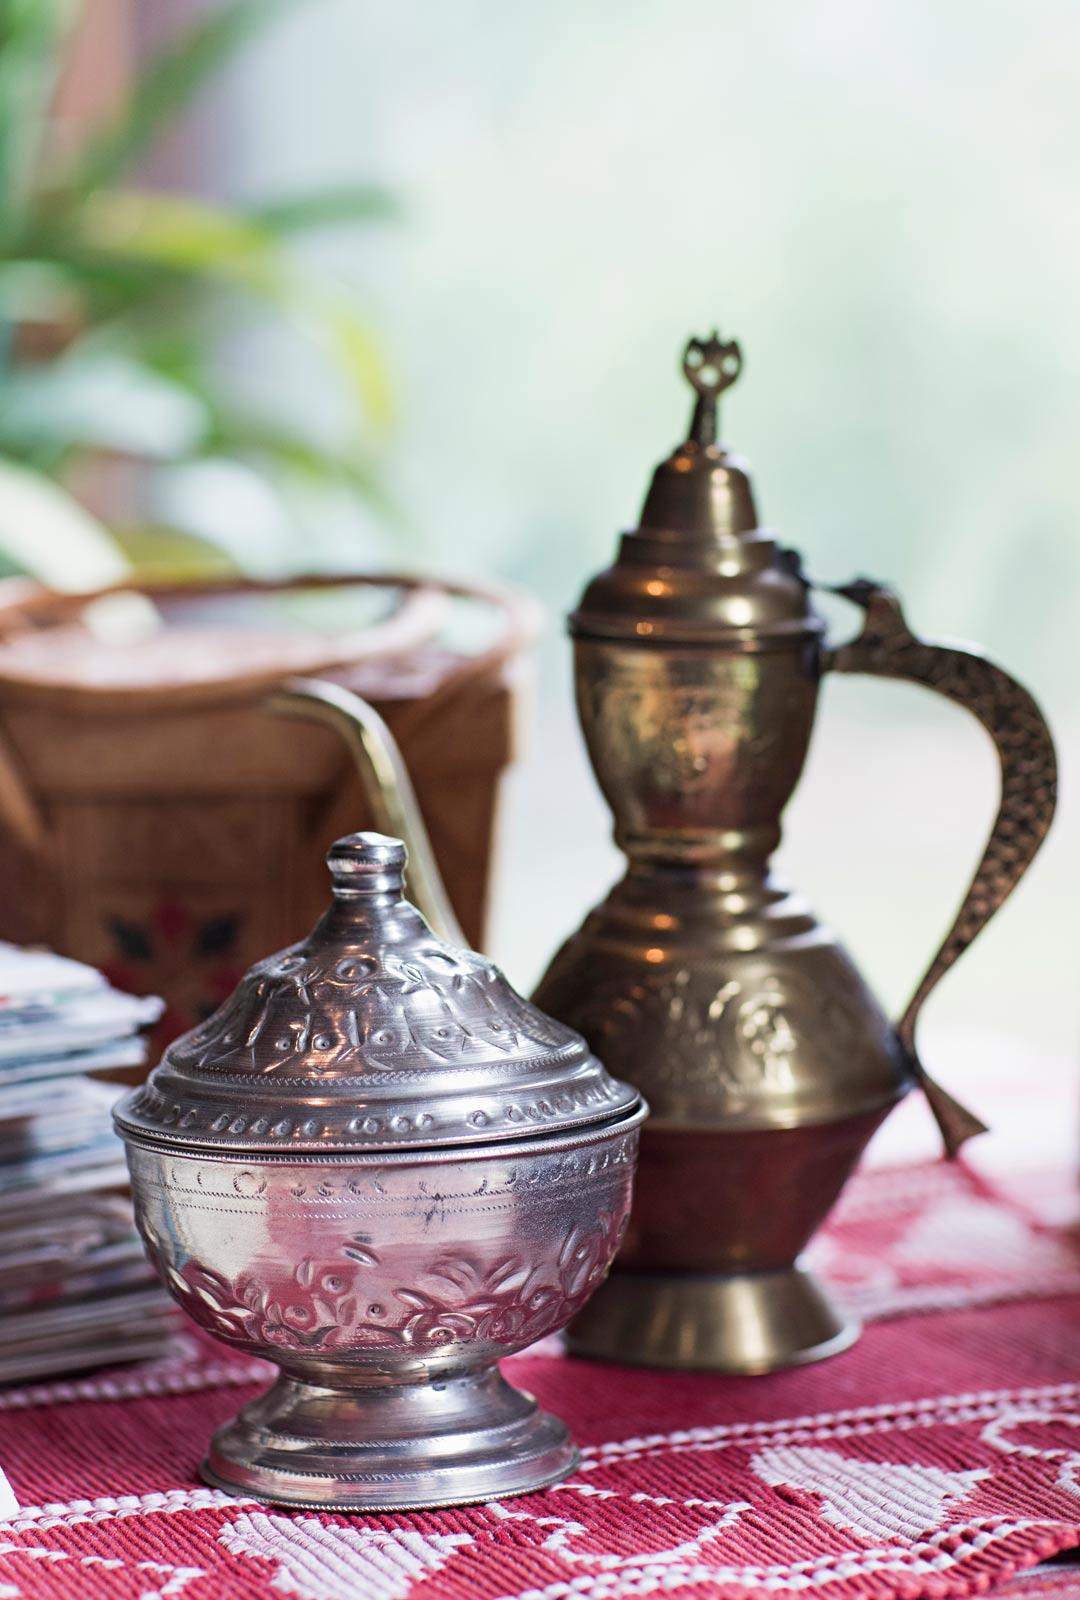 Kaarinalle on kertynyt kauniita algerialaisia esineitä, kuten sokeriastia ja teekannu.